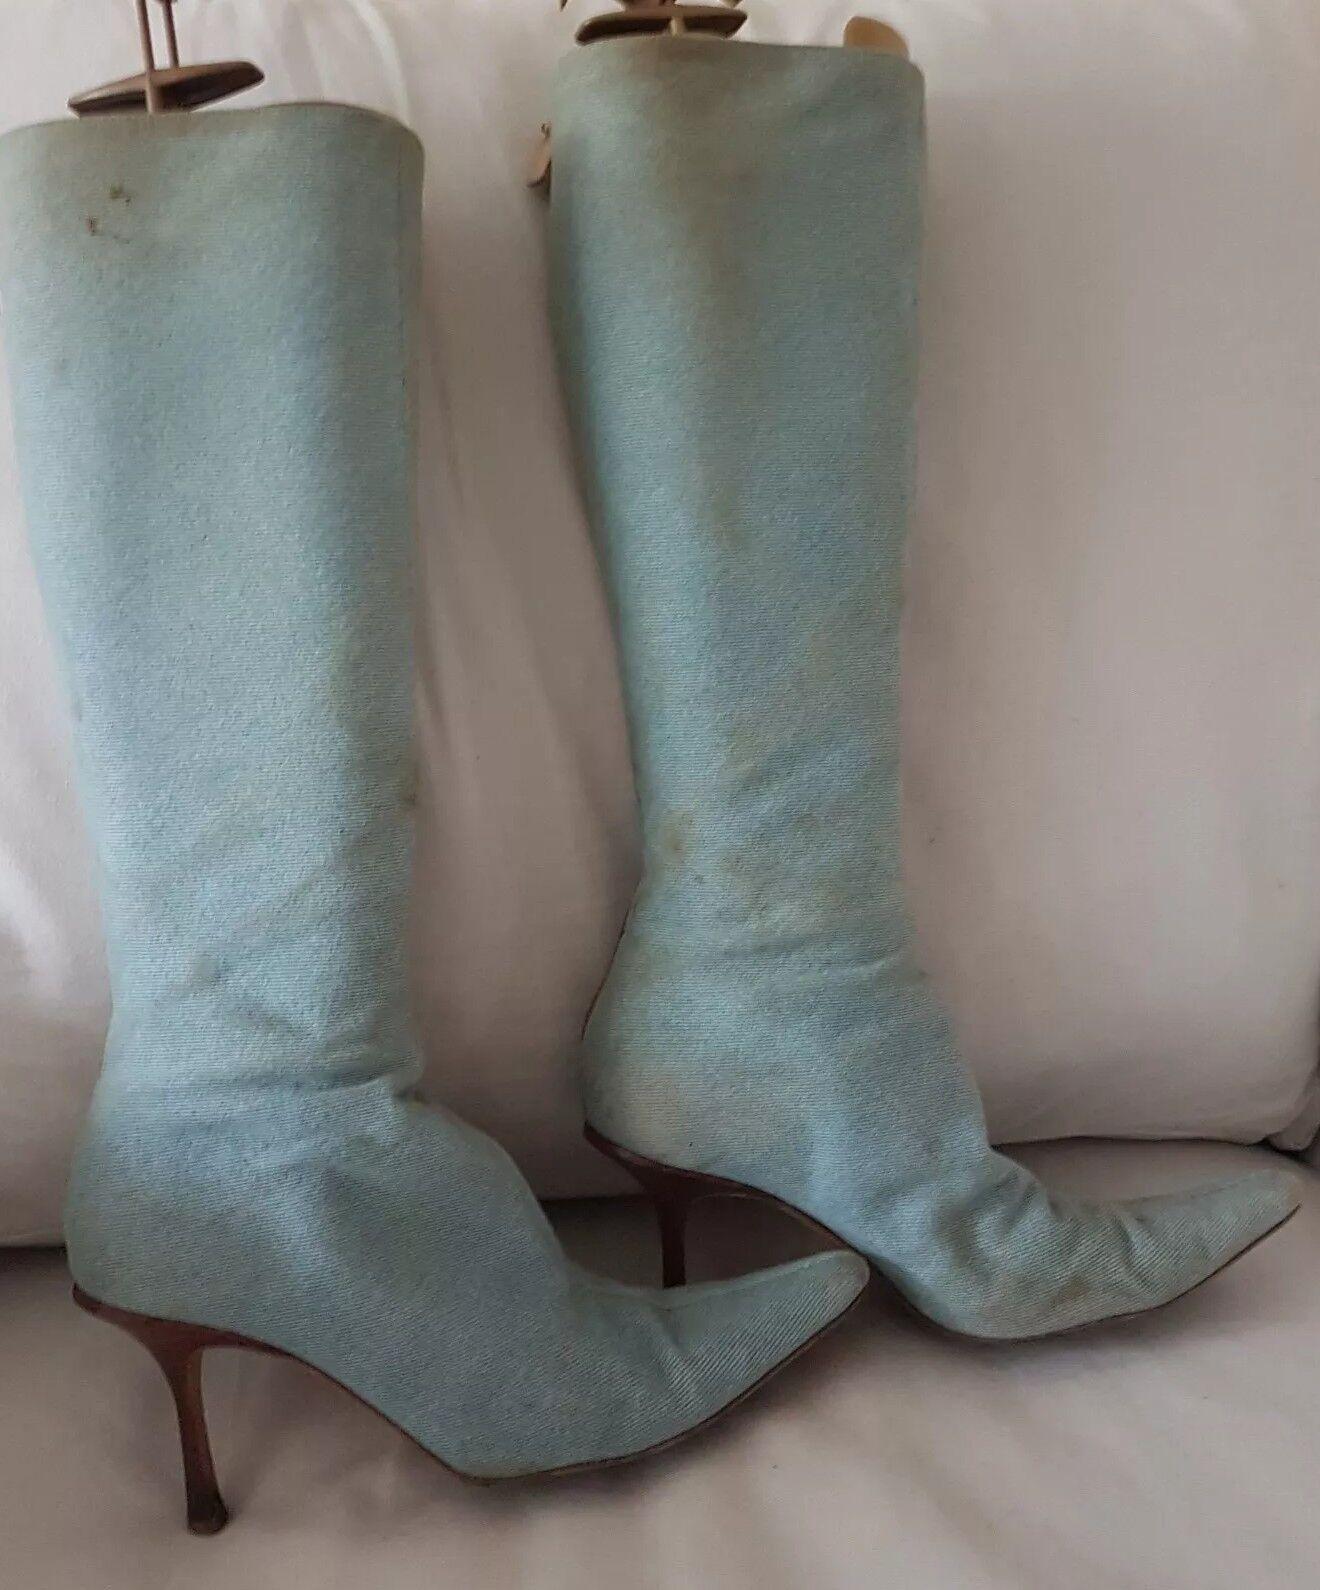 Vintage Jimmy Choo Designer denim boots size uk 5